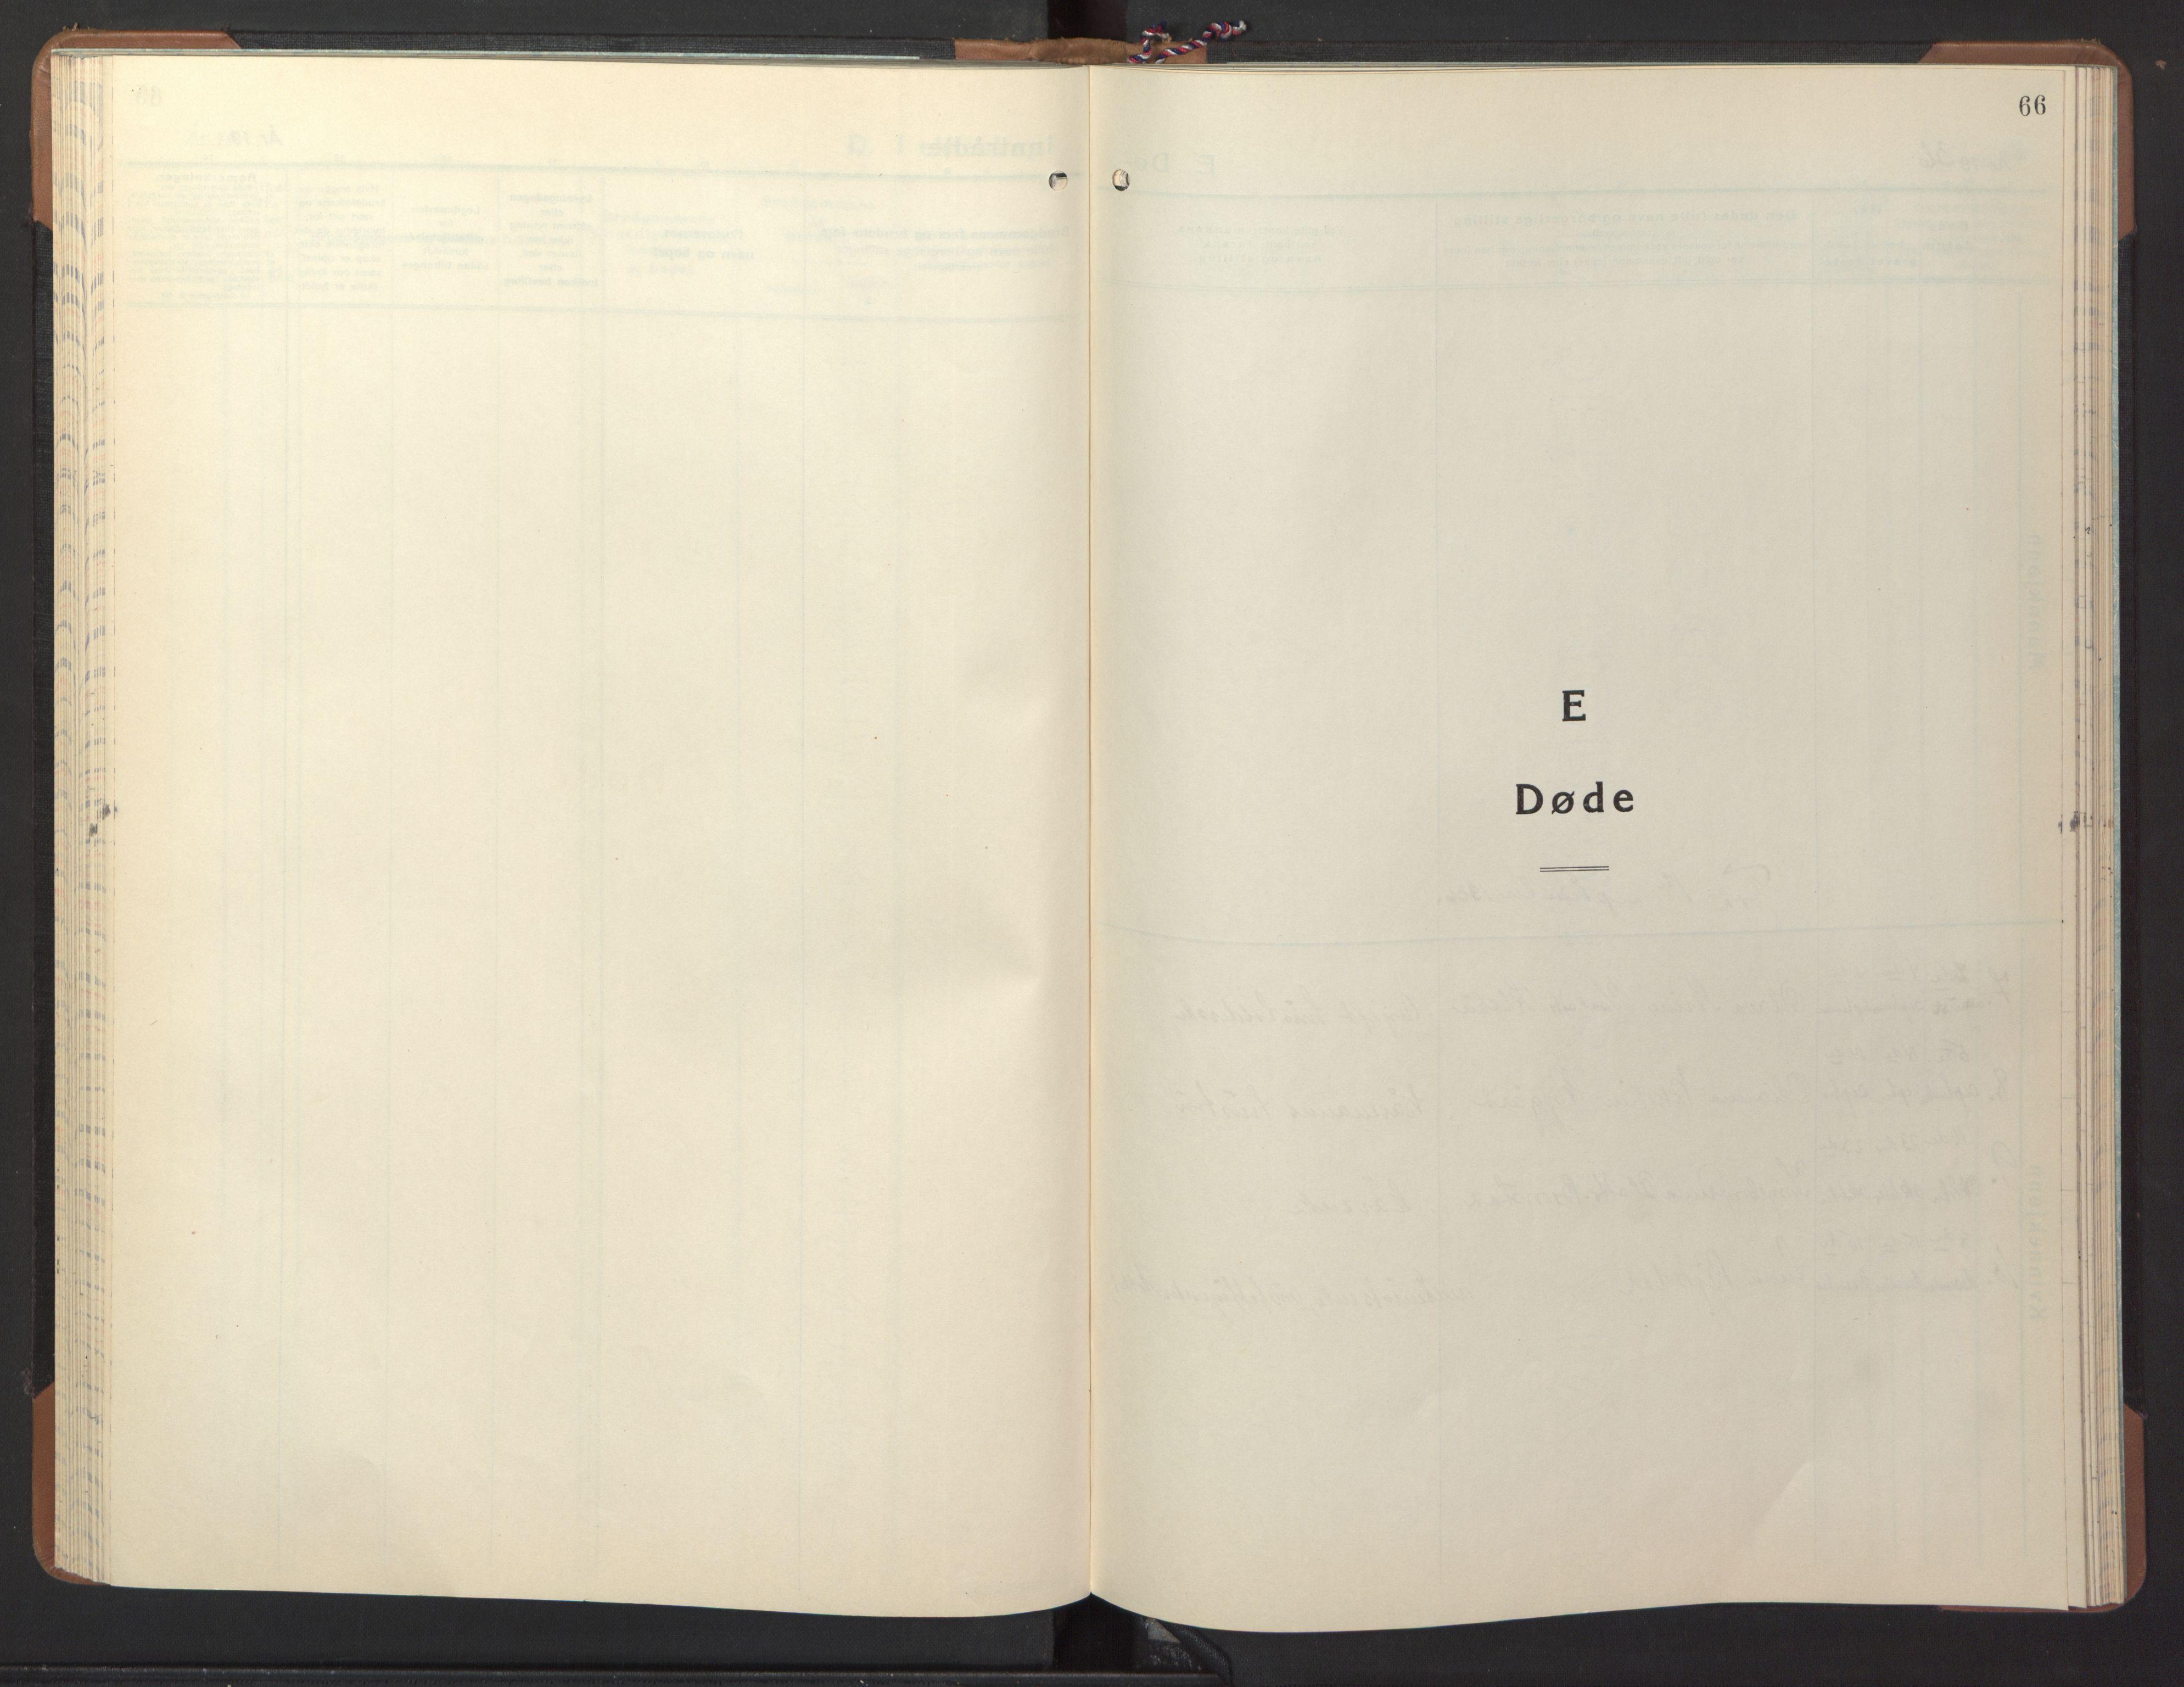 SAT, Ministerialprotokoller, klokkerbøker og fødselsregistre - Nord-Trøndelag, 746/L0456: Klokkerbok nr. 746C02, 1936-1948, s. 66